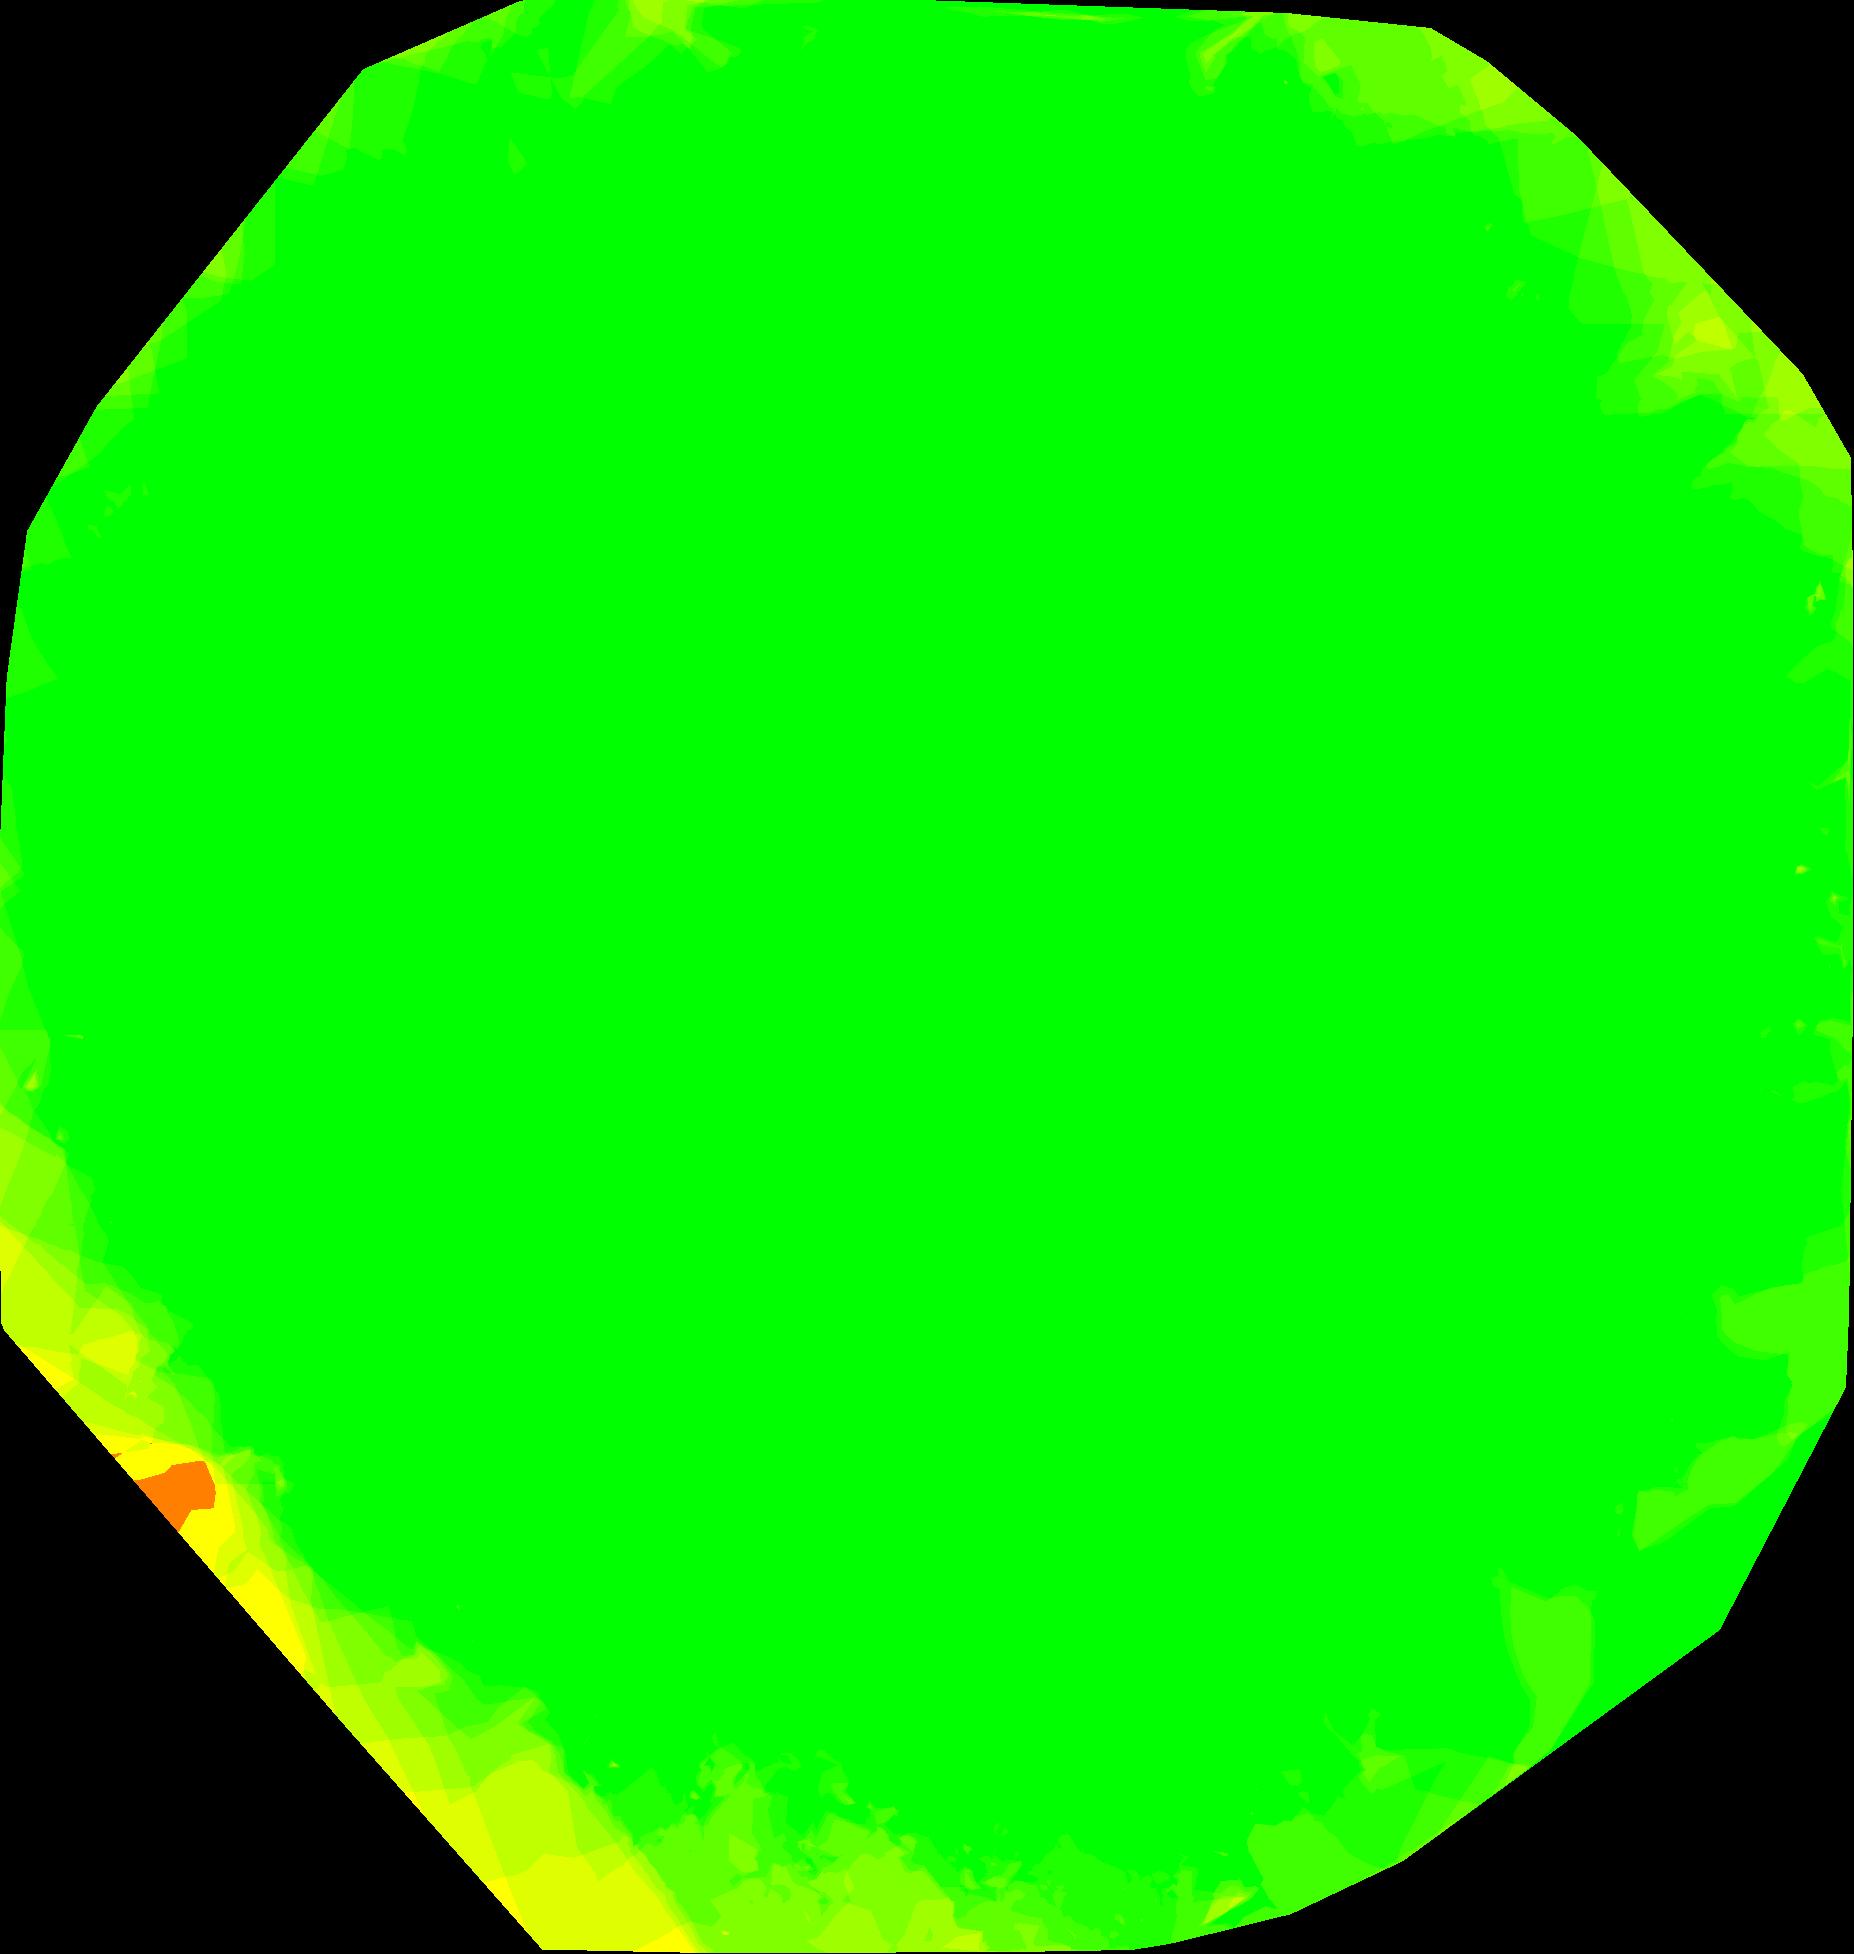 orthomosaic_overlap